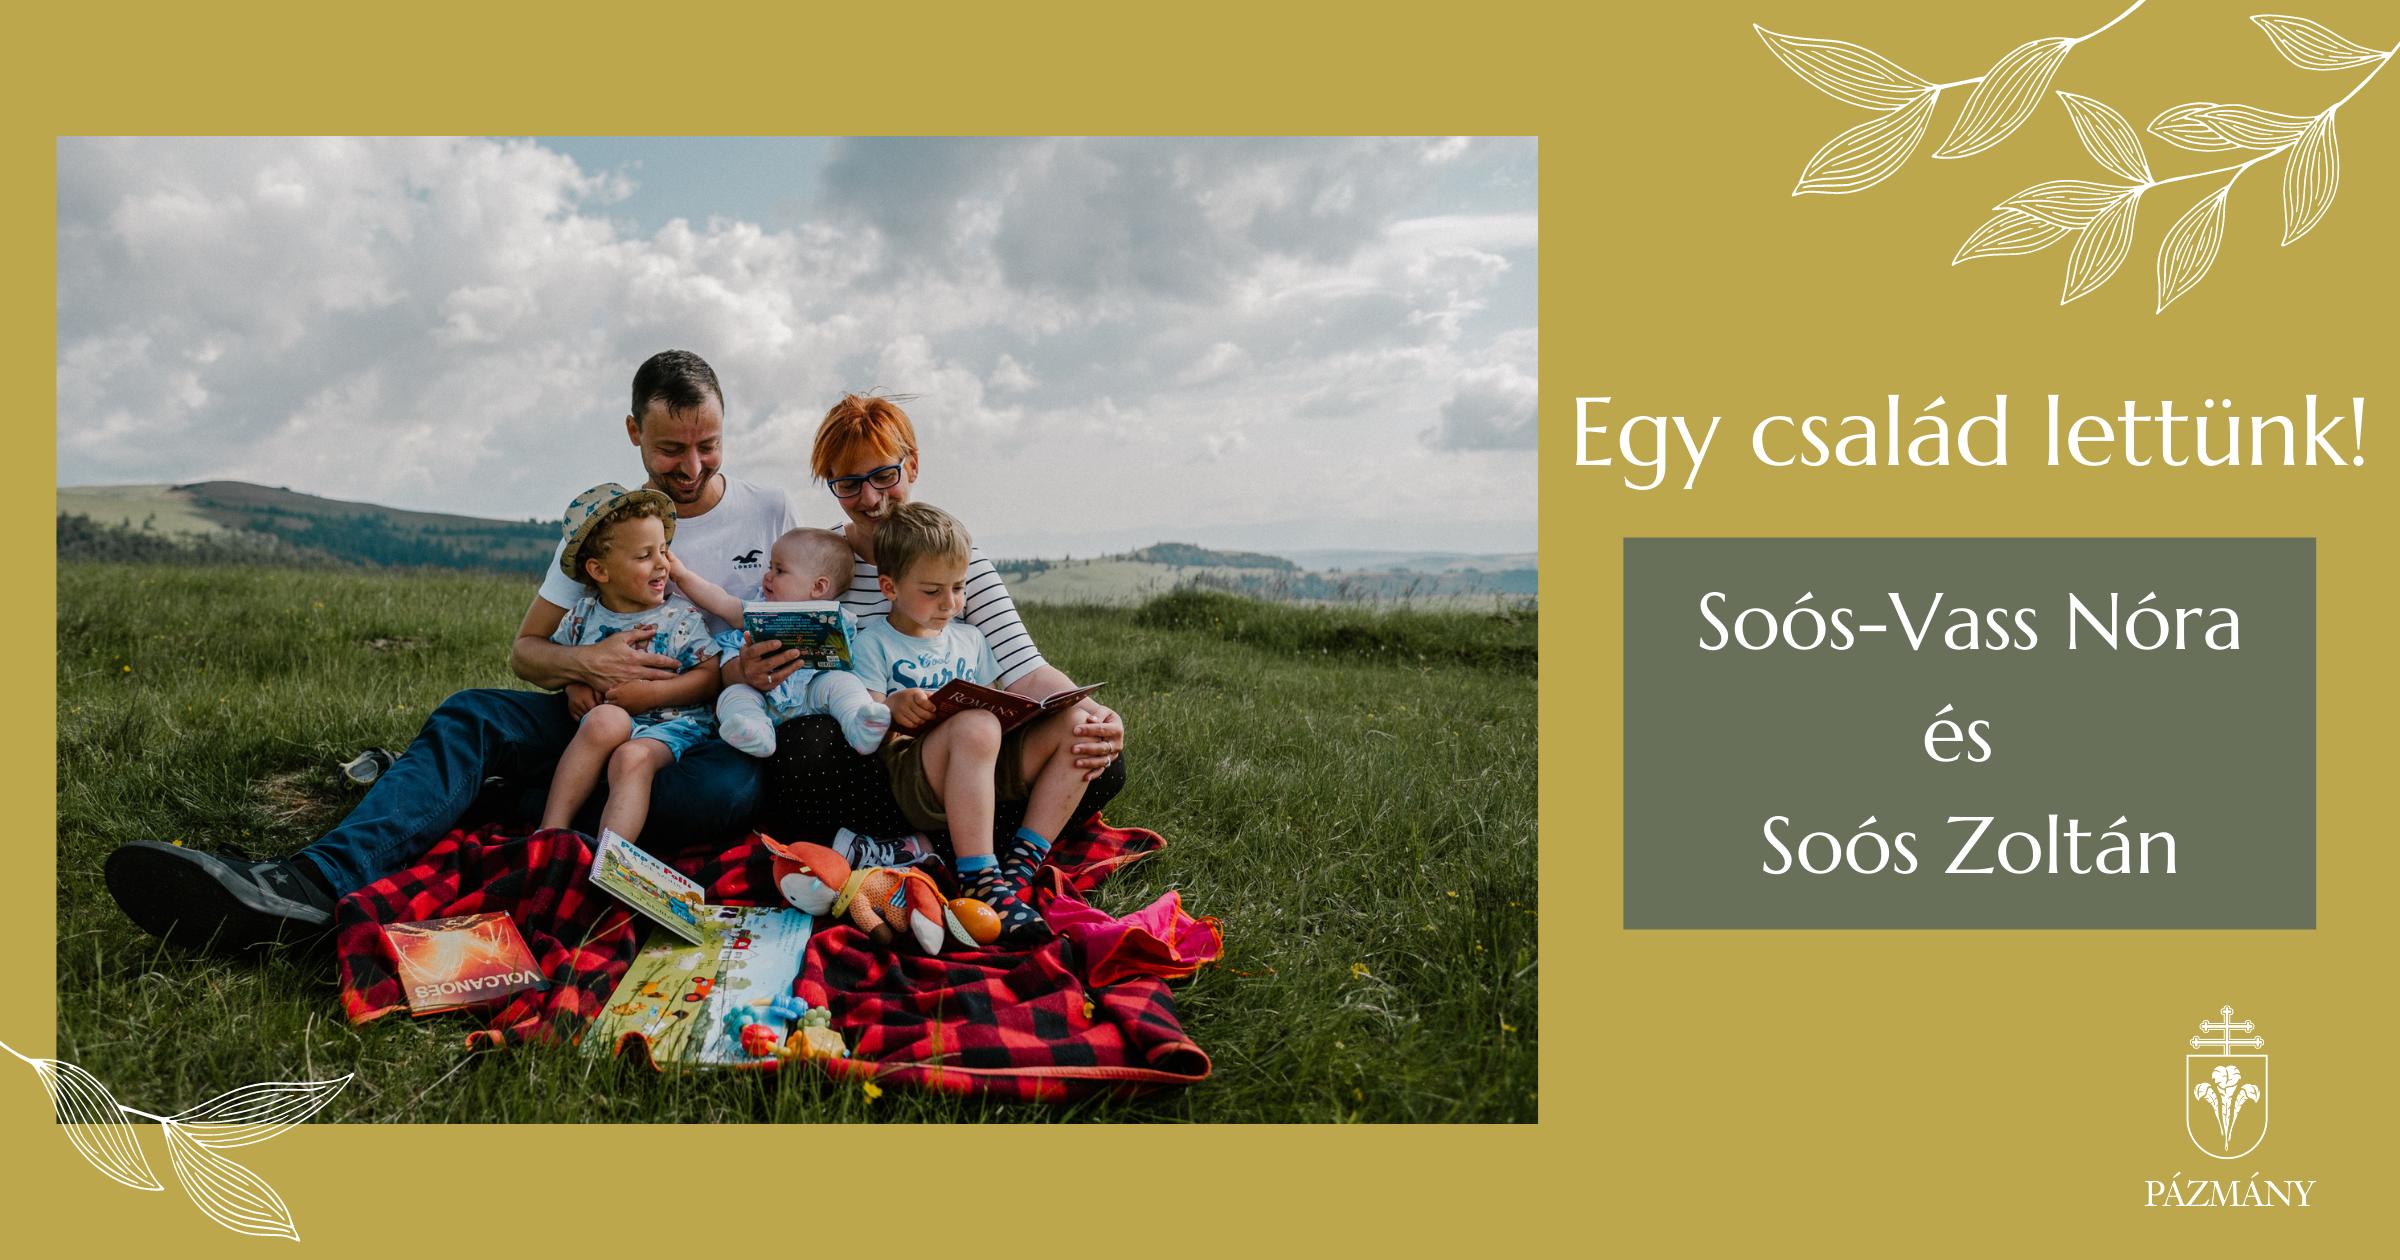 Egy család lettünk: Soós-Vass Nóra és Soós Zoltán